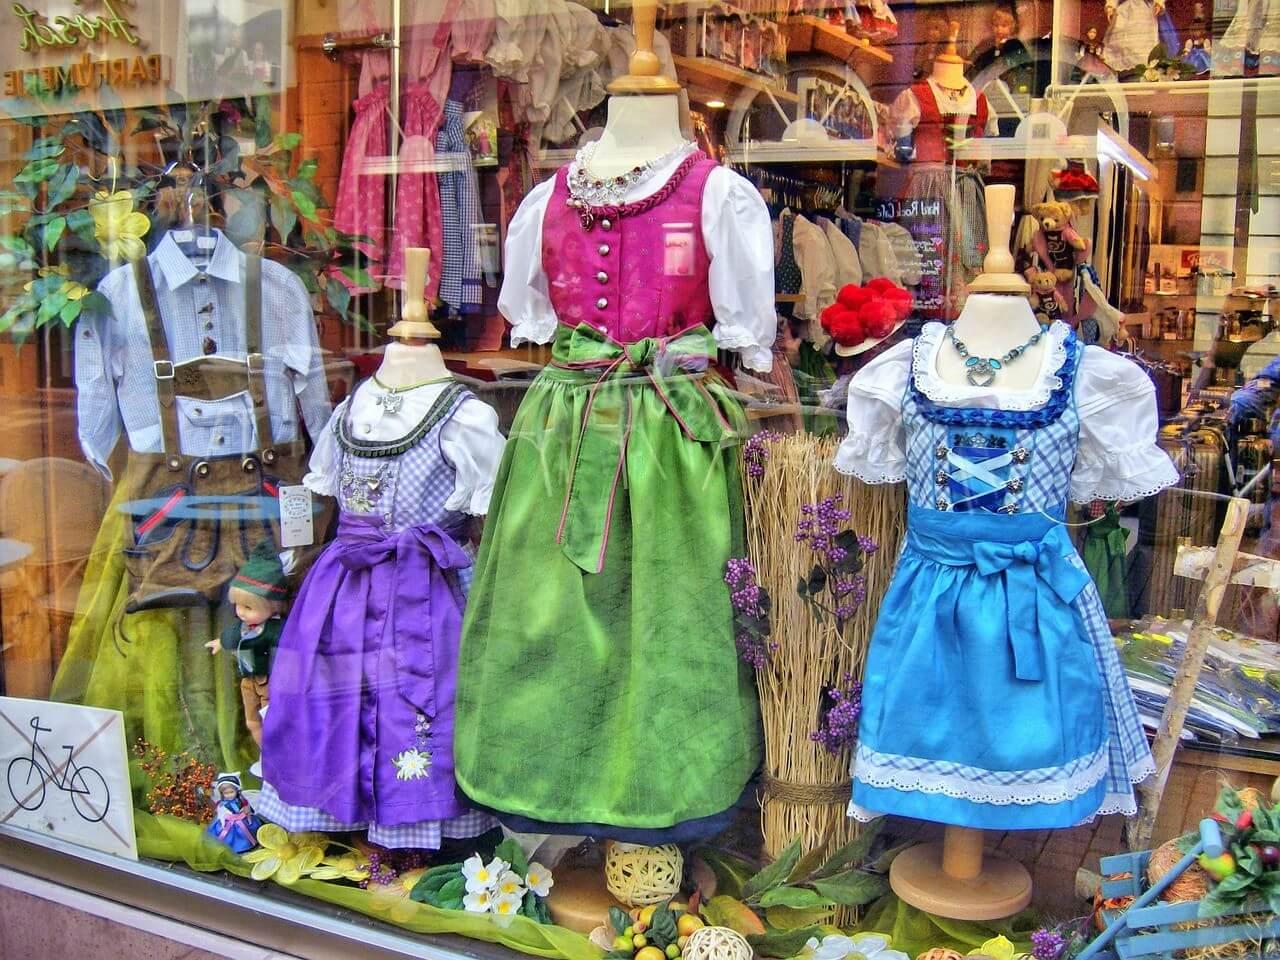 Boutique de robes traditionnelles bavaroises